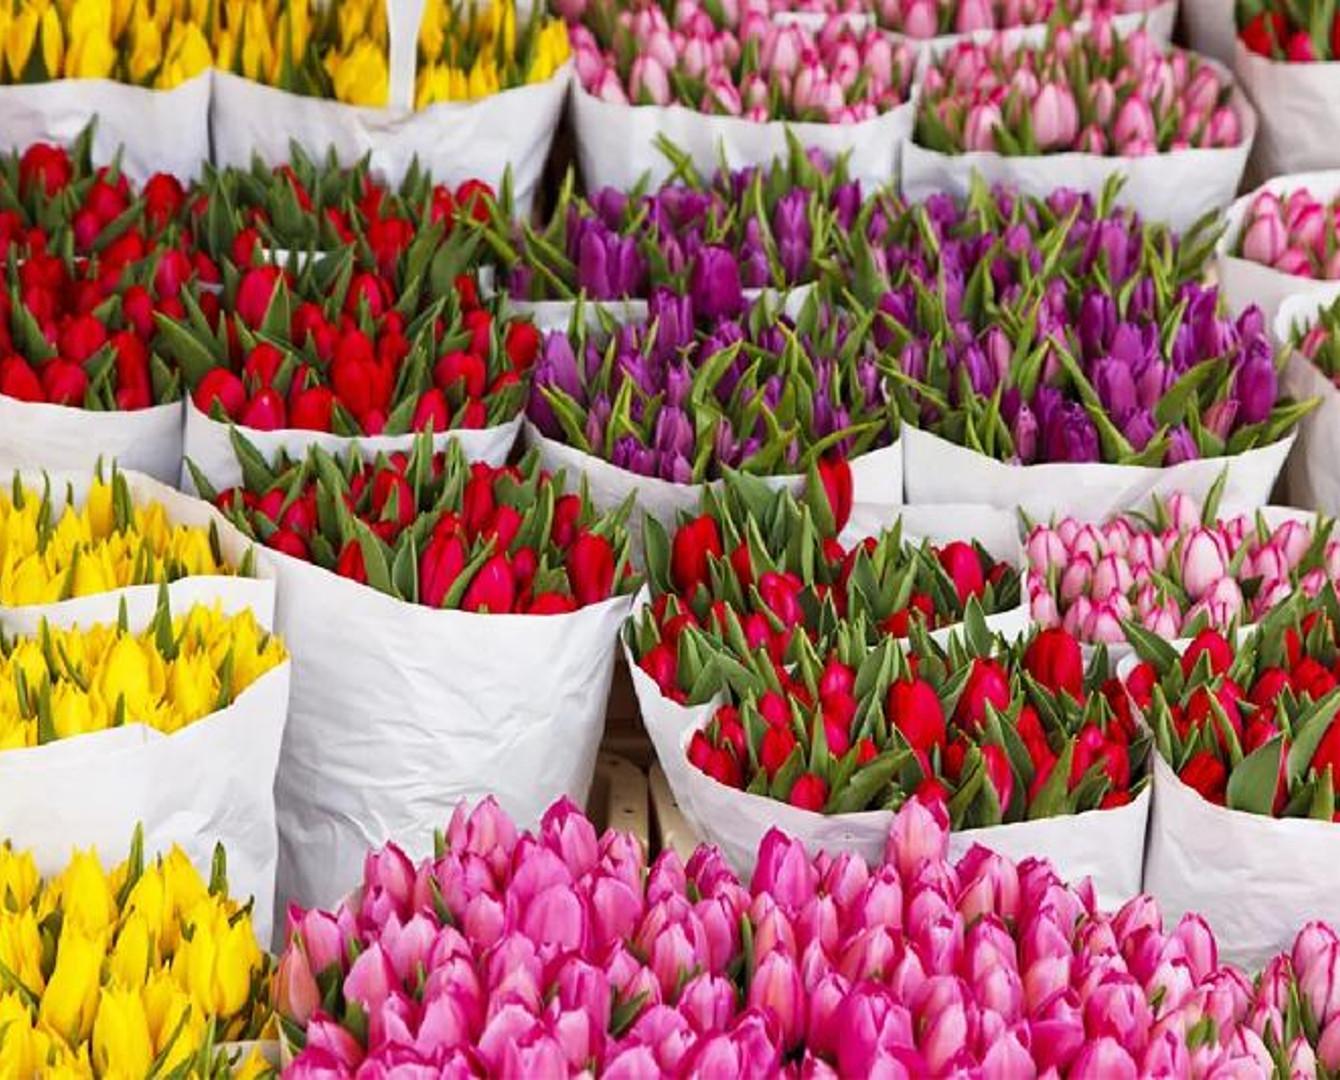 К 8 марта в  Астану завезли 9 тонн цветов